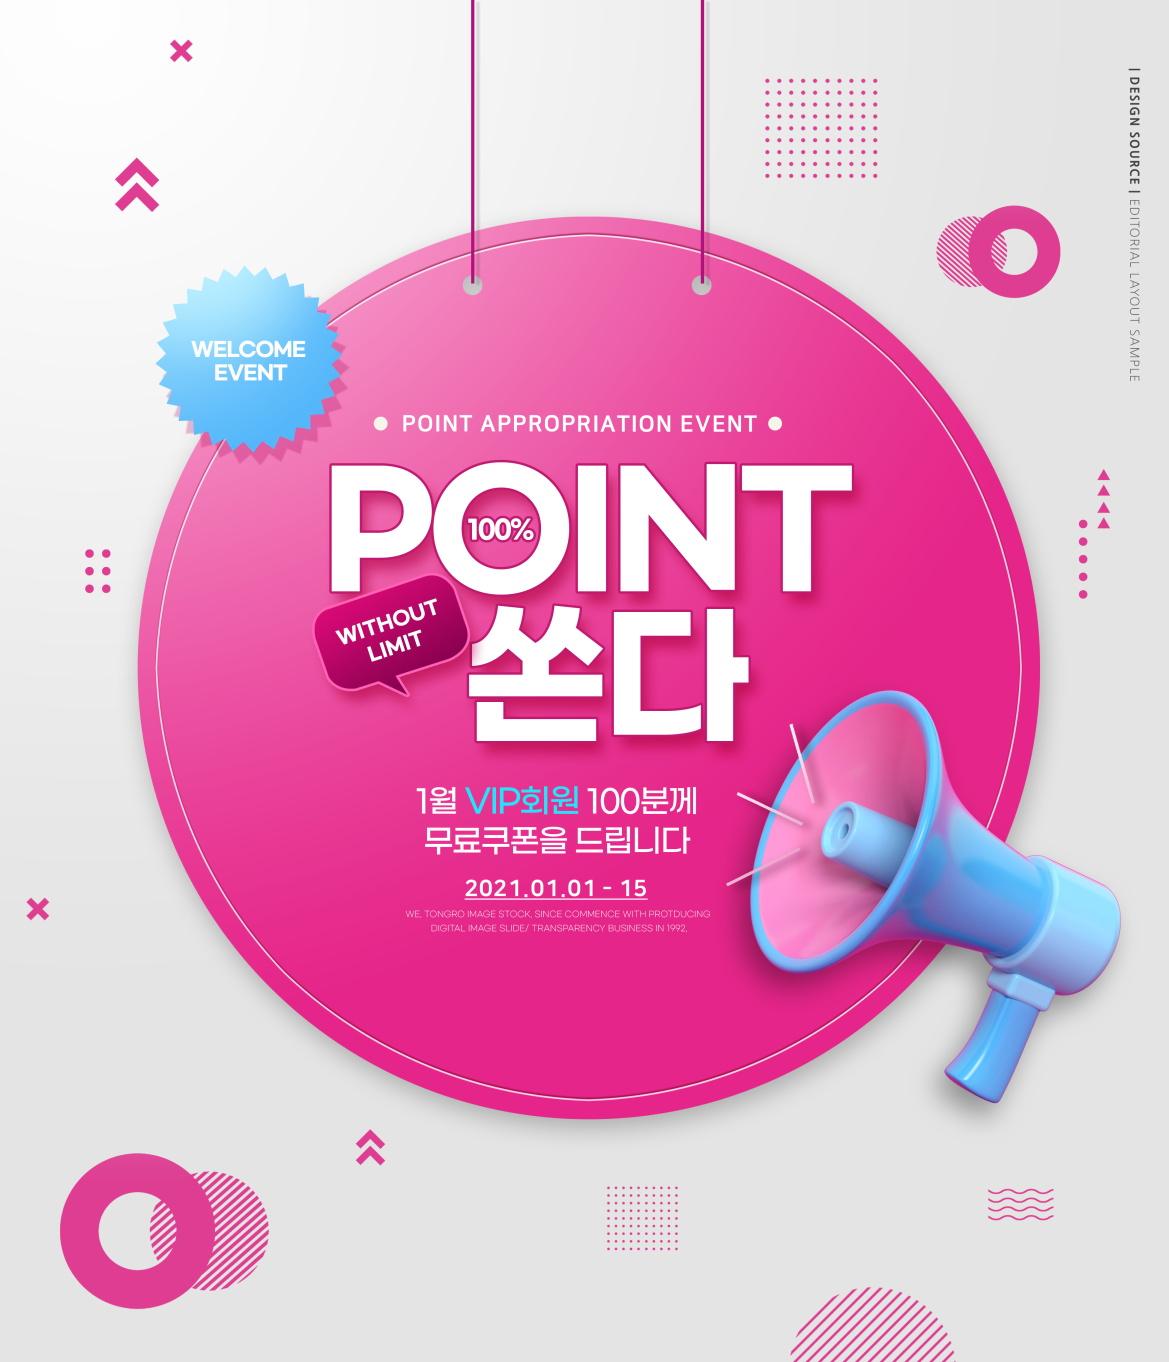 [单独购买] 16款时尚外卖金融手机购物促销海报设计PSD模板素材 Mobile Shopping Promotion Poster插图9